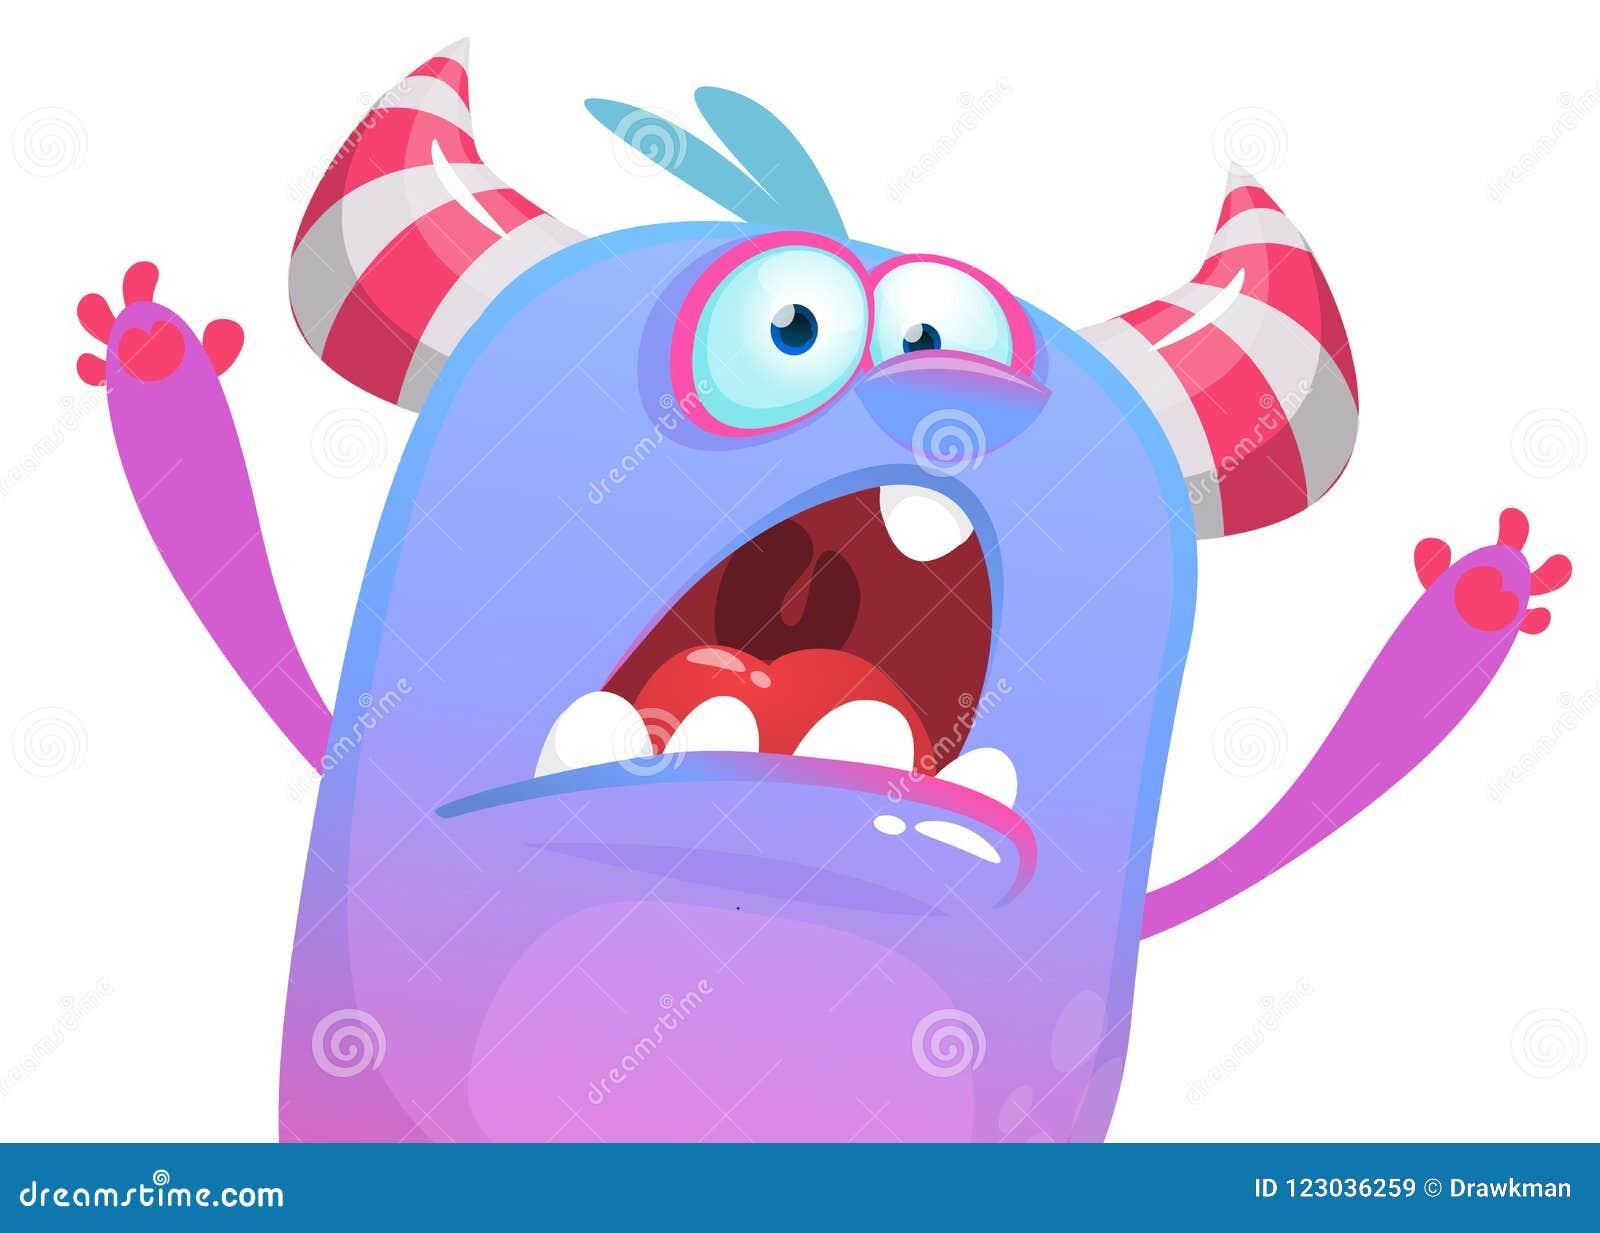 Gigantisk symbol för ilsken tecknad film som försöker att skrämma halloween illustrationvektor